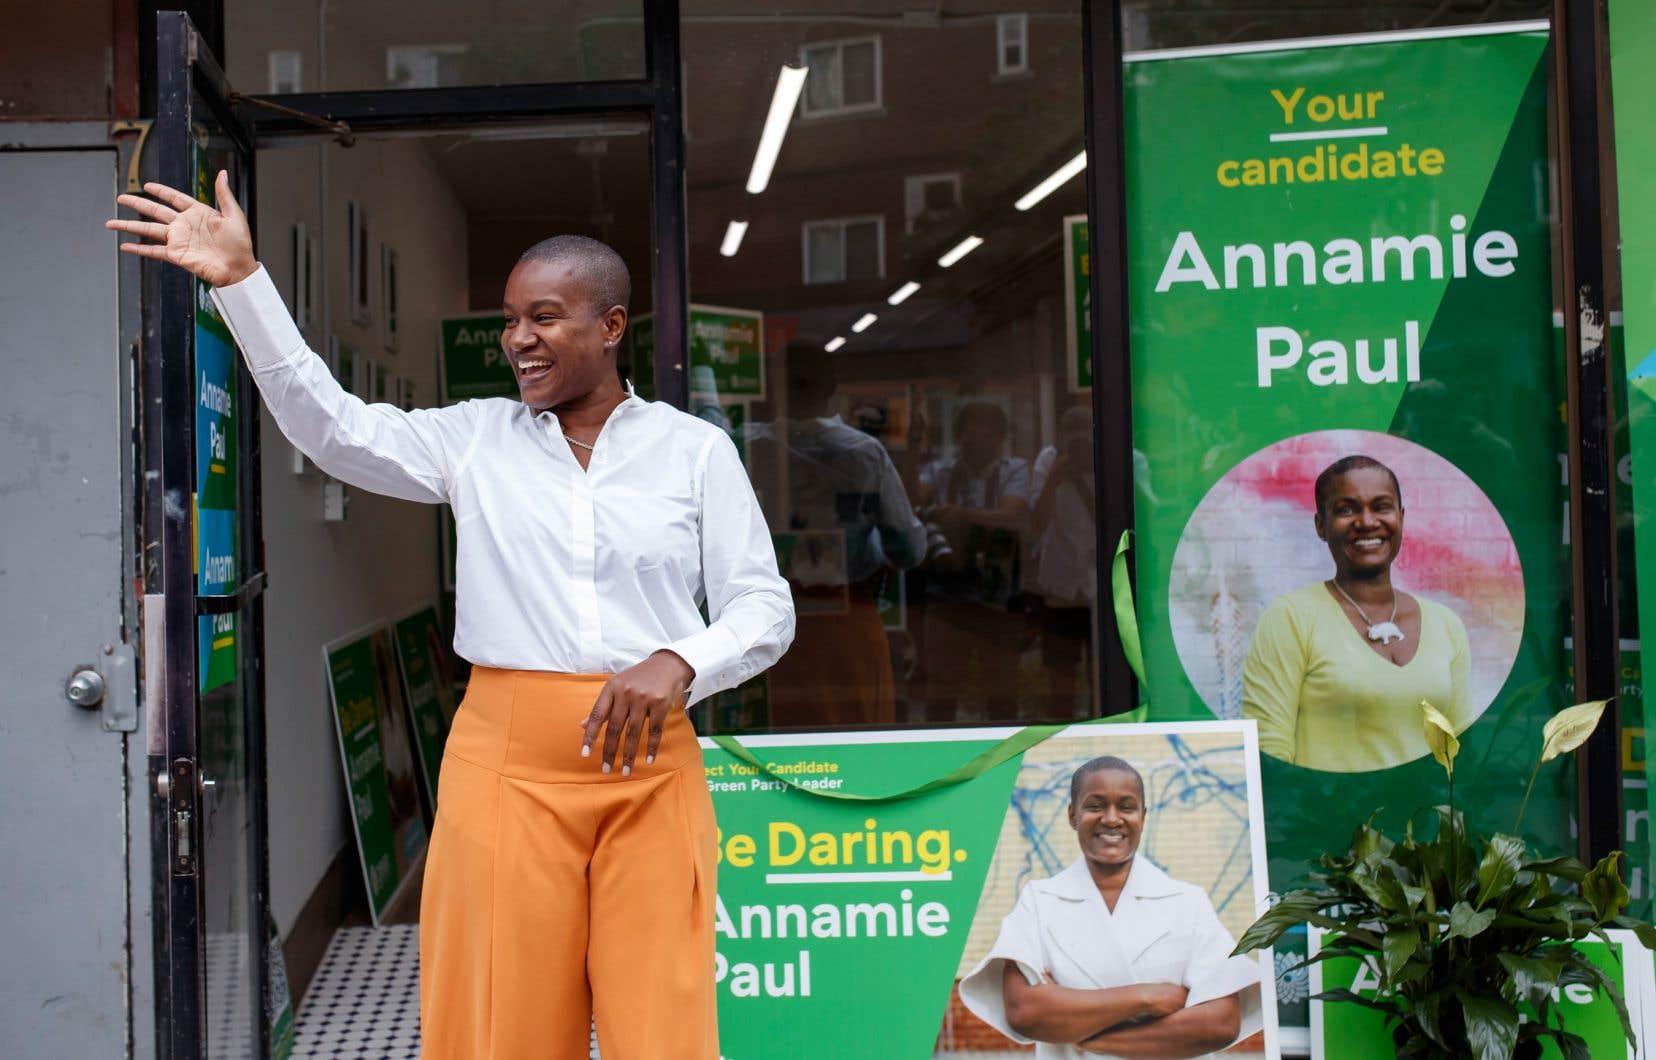 La candidate du Parti vert du Canada, Annamie Paul